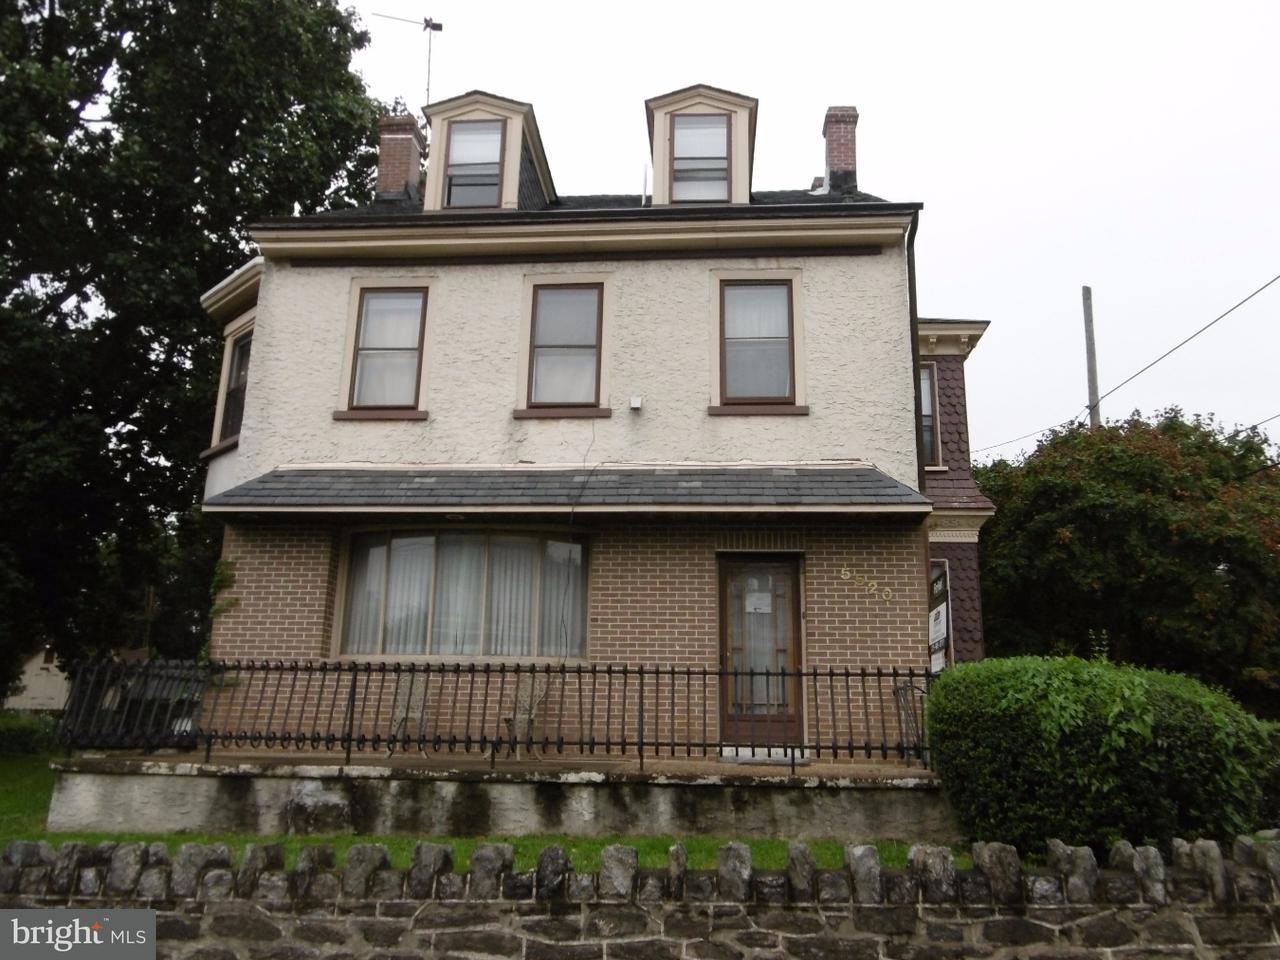 独户住宅 为 出租 在 5520 RIDGE Avenue 费城, 宾夕法尼亚州 19128 美国